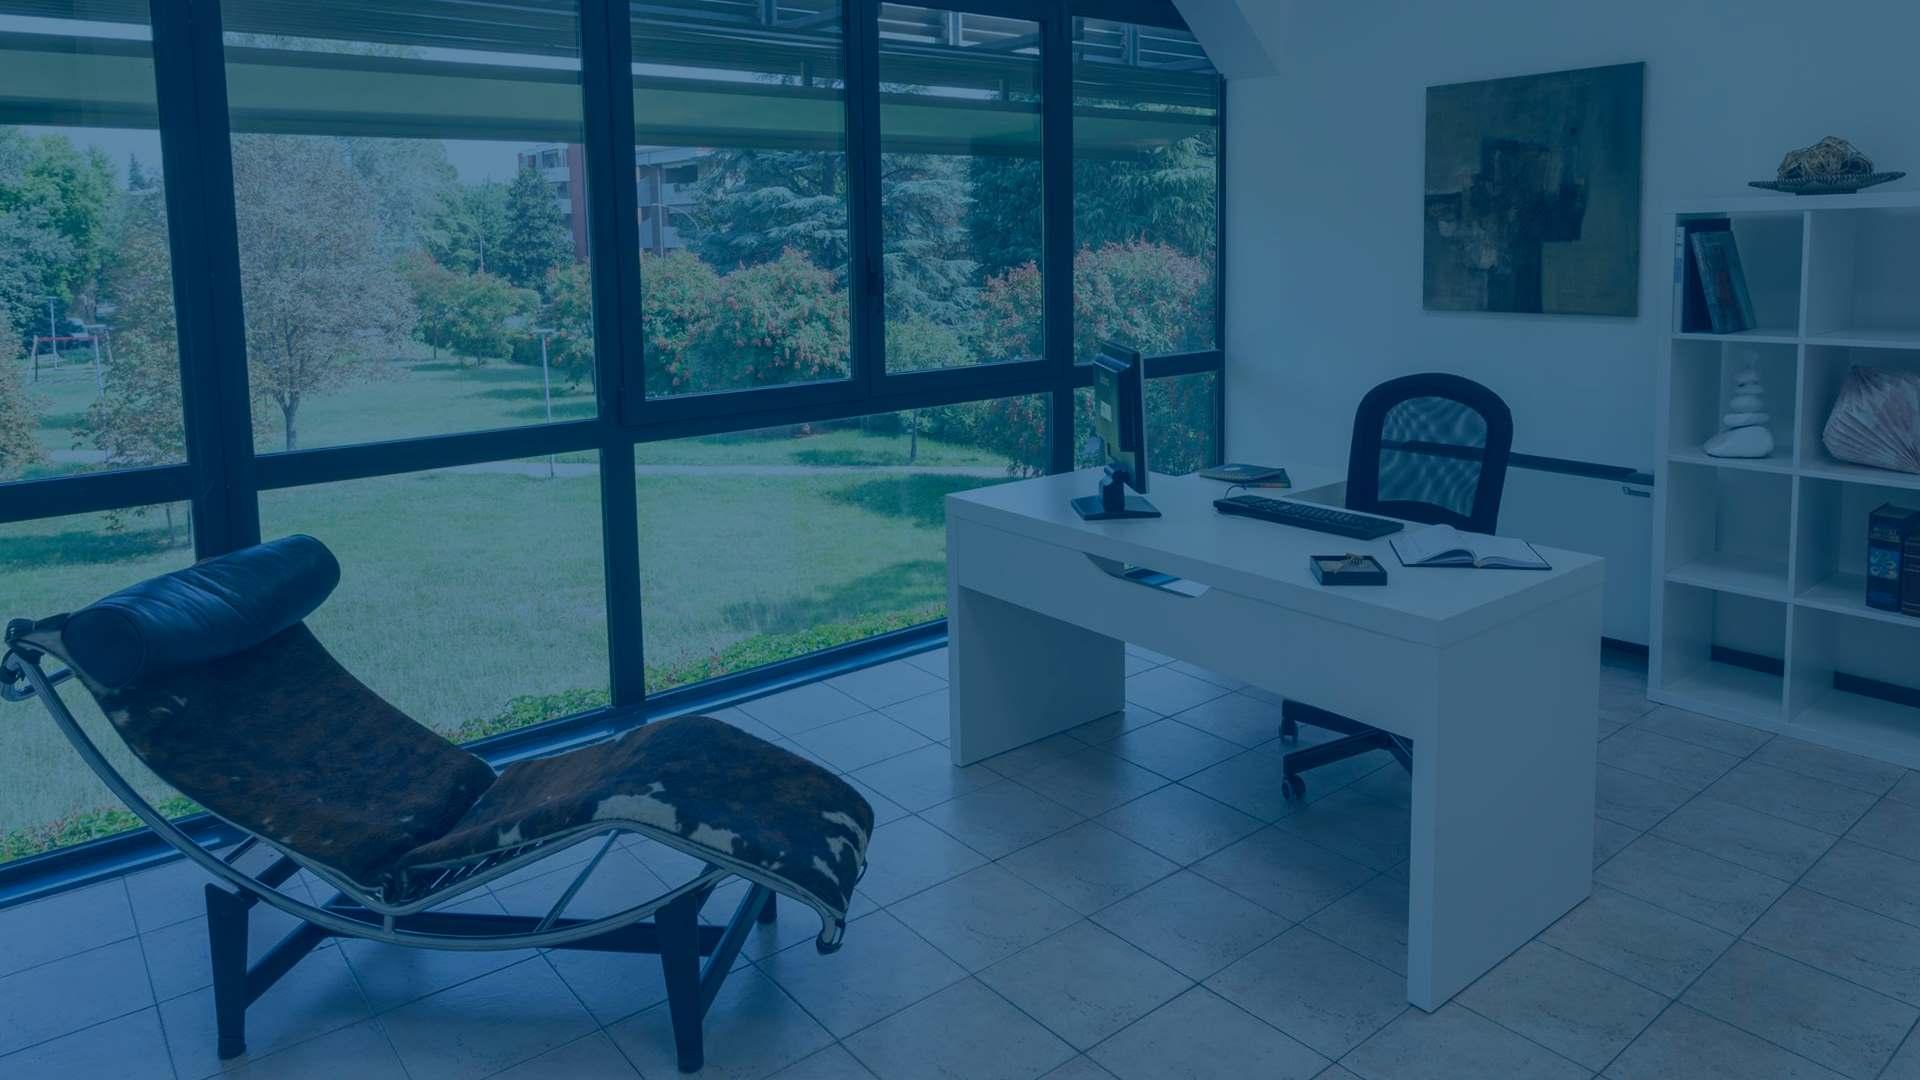 Affitto Ufficio a Parma e Reggio Emilia